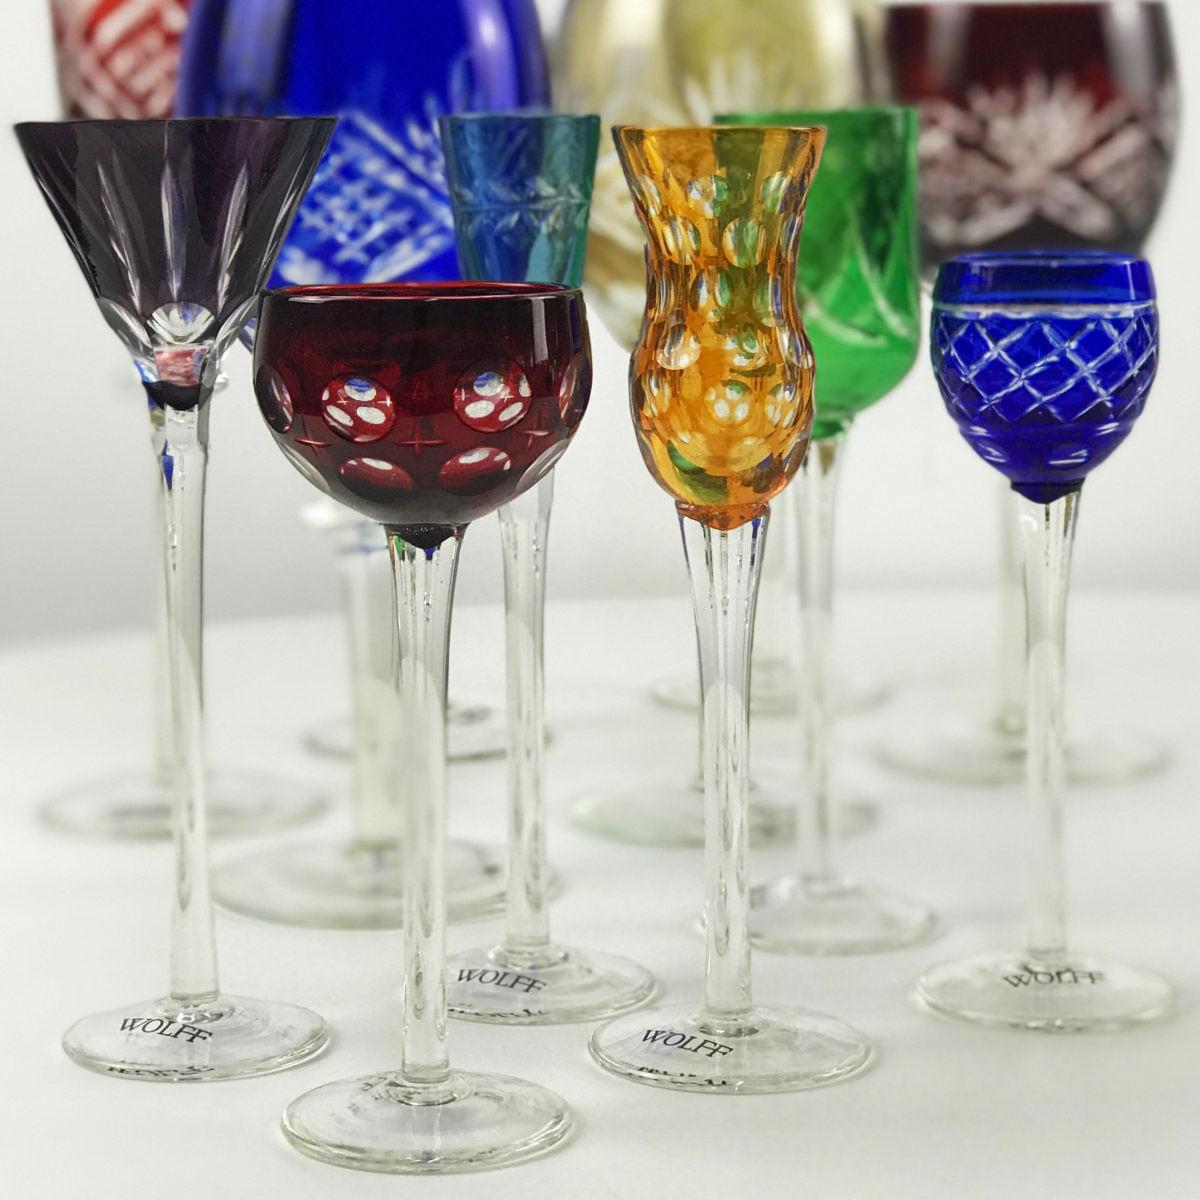 Jogo Taças de Cristal para Licor - Coloridas Wolff 150ml (6 Peças)